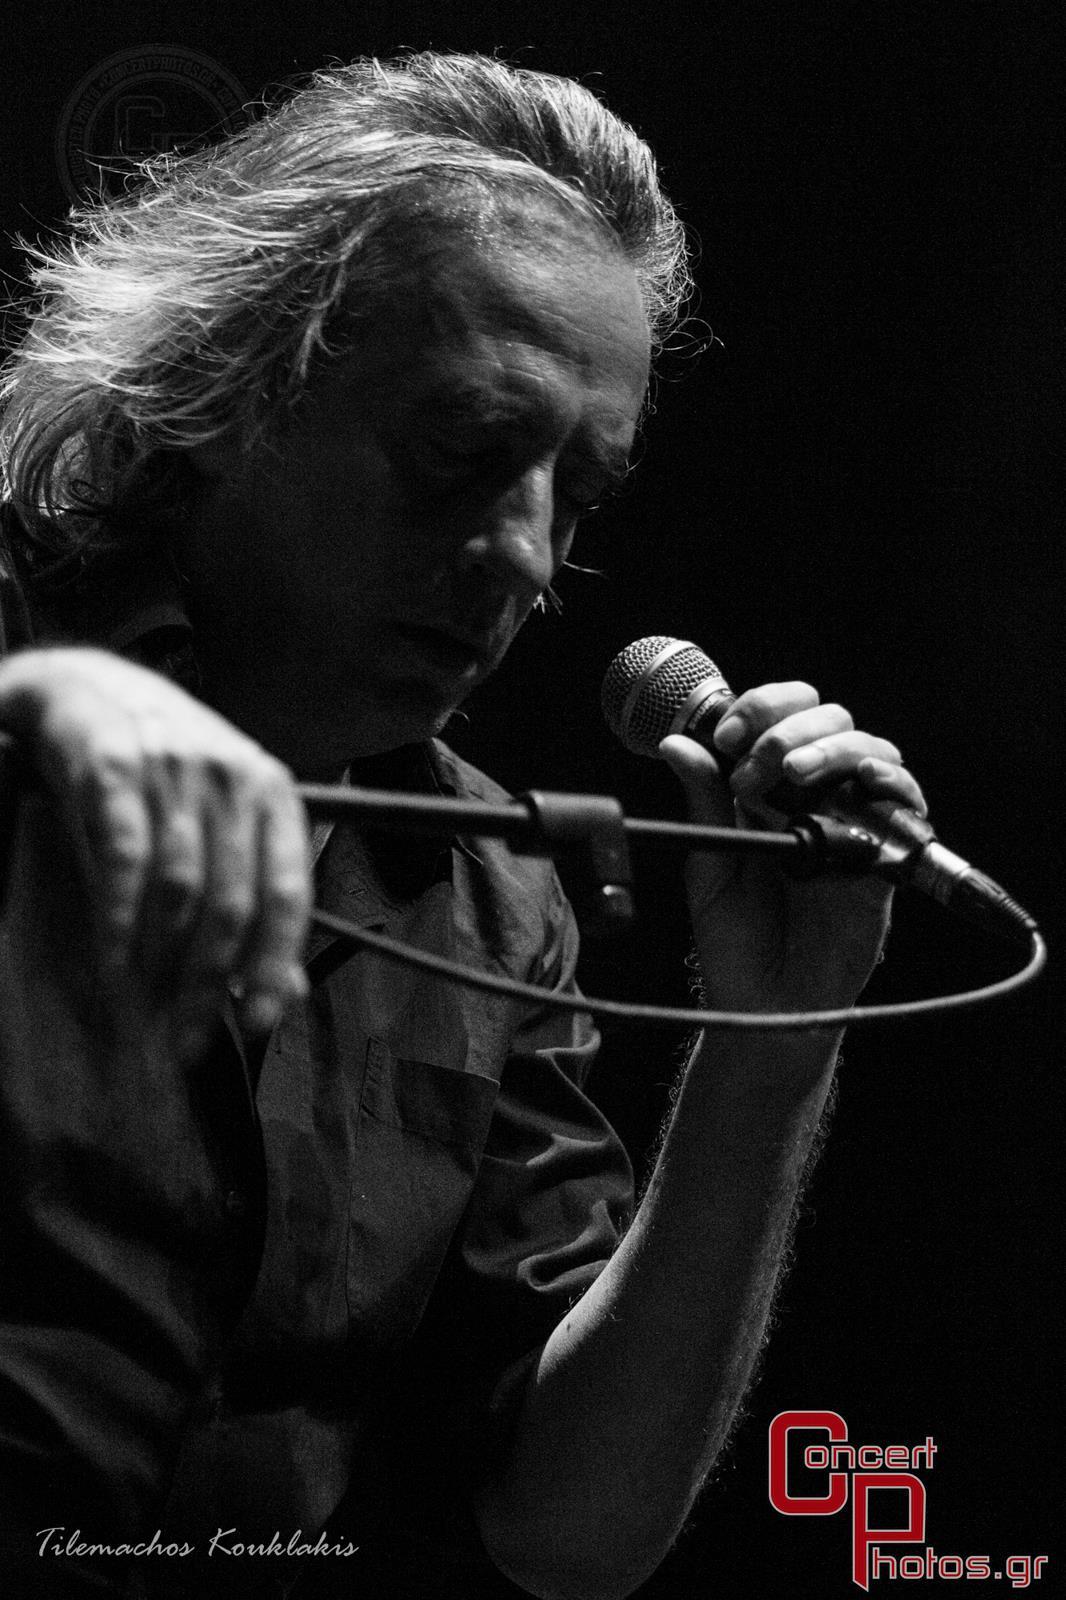 Γιάννης Αγγελάκας - Σύννεφα με Παντελόνια-Aggelakas-2 photographer:  - concertphotos_-1405153069